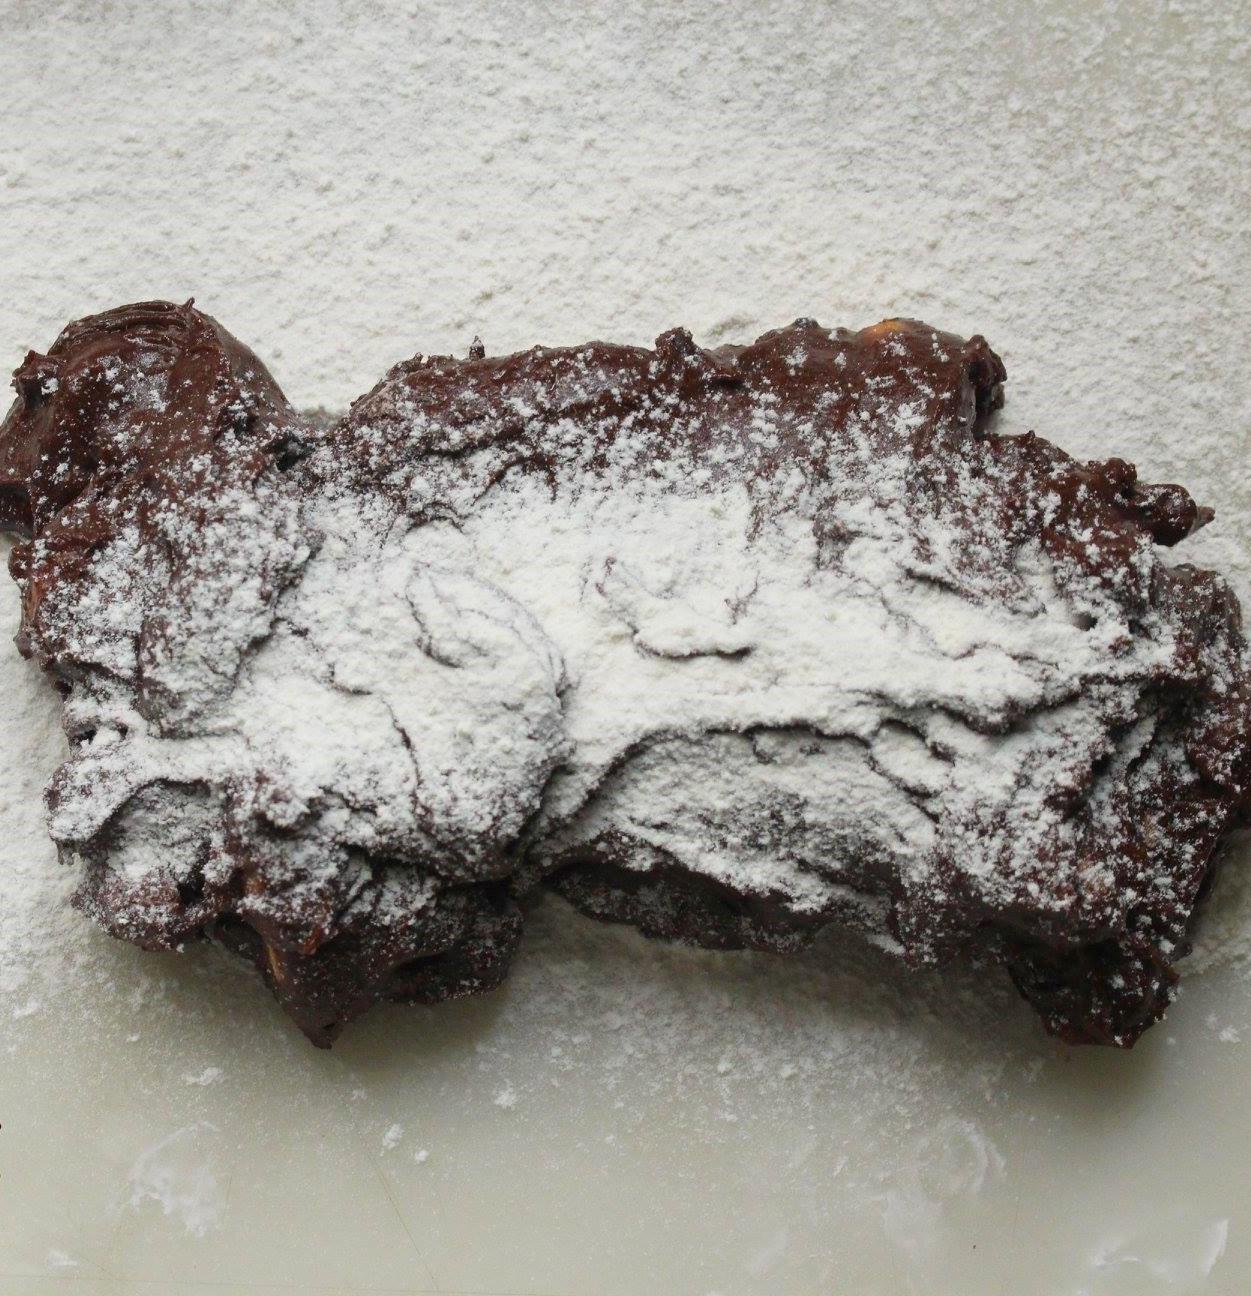 cach lam banh biscotti socola 11 cách làm bánh biscotti socola Cách làm bánh Biscotti Socola giòn rụm thơm lừng cả căn bếp cach lam banh biscotti socola 11